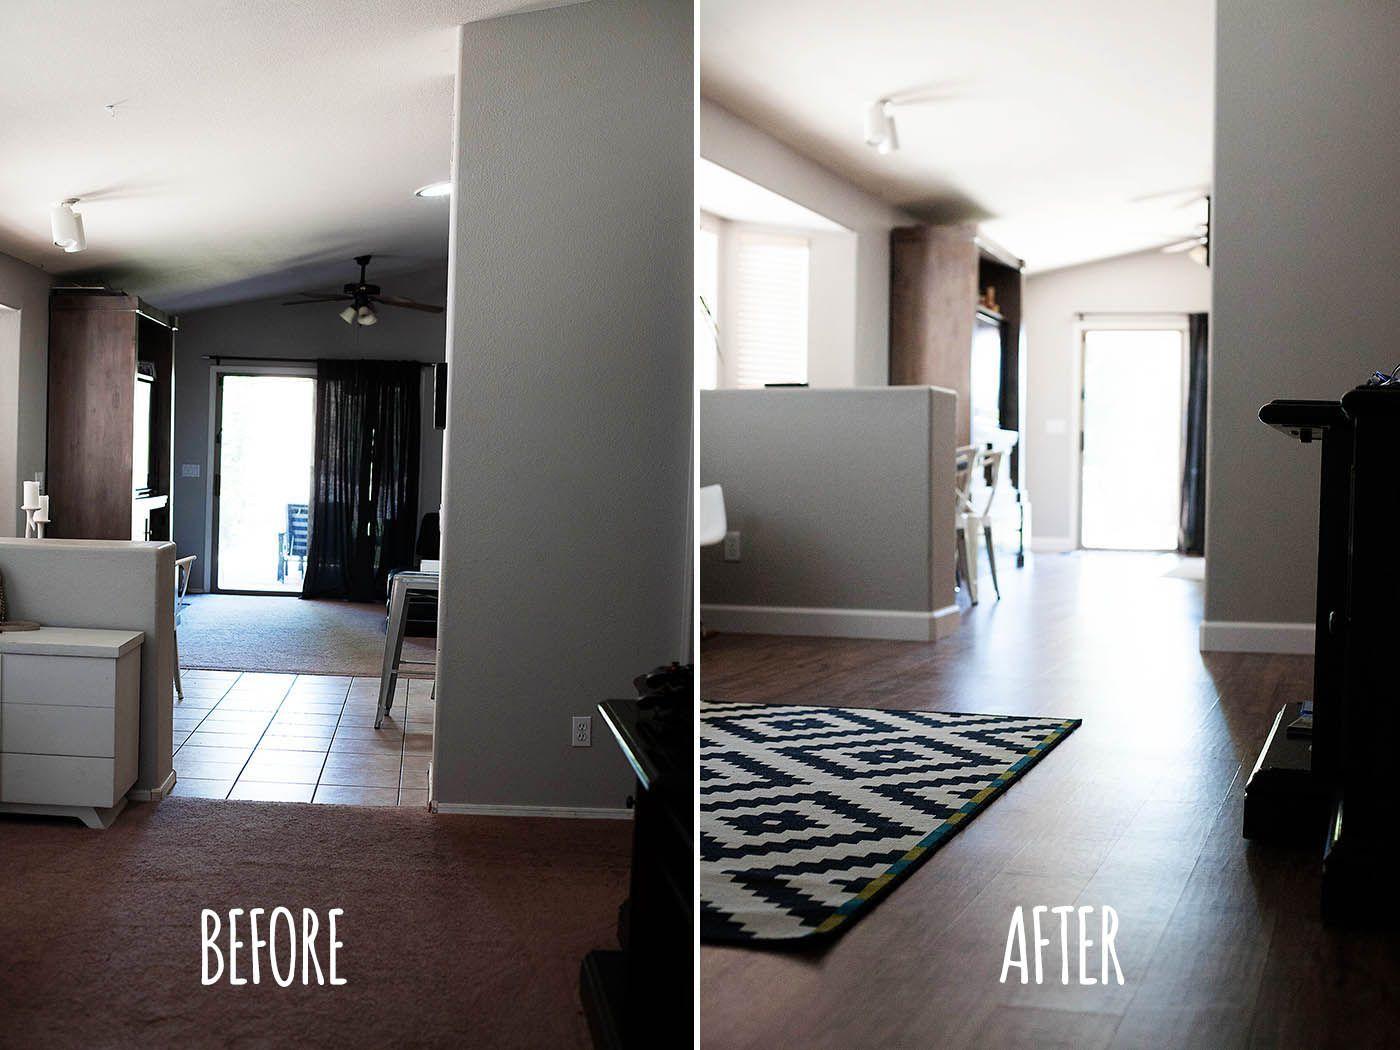 New Floors! Shaw Floors Resilient Vinyl Vinyl plank